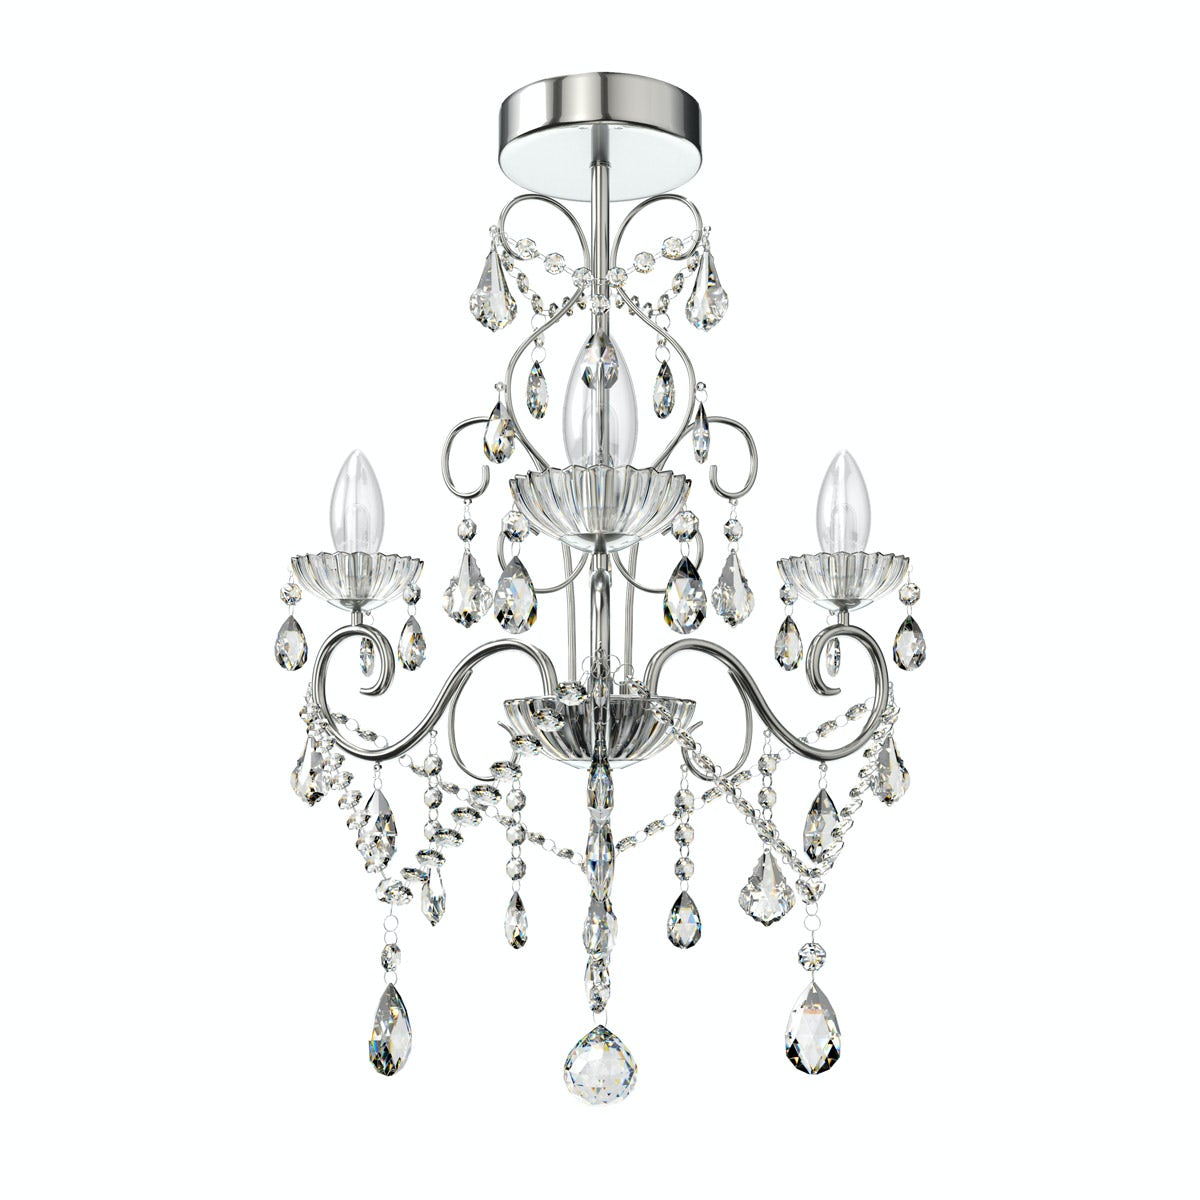 Solen 3 light bathroom chandelier